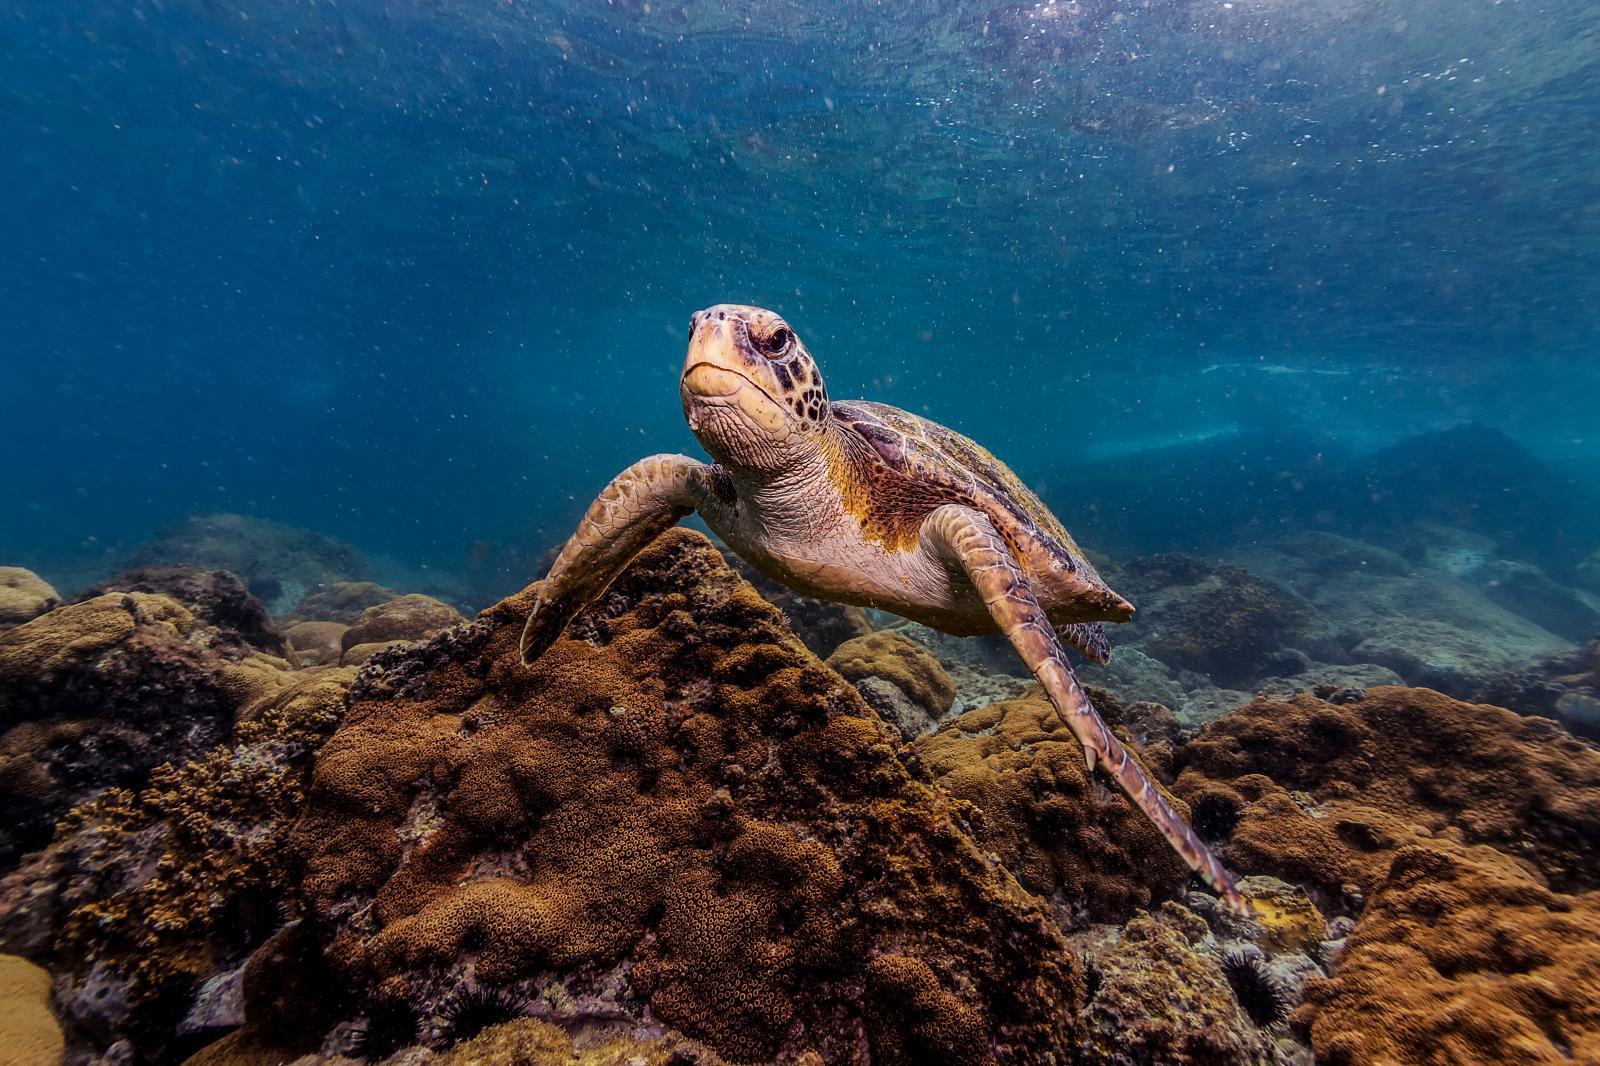 เต่าทะเลปรากฏตัวใกล้สนามบินริโอ หลังมีเที่ยวบินน้อยลงช่วงโควิด-19